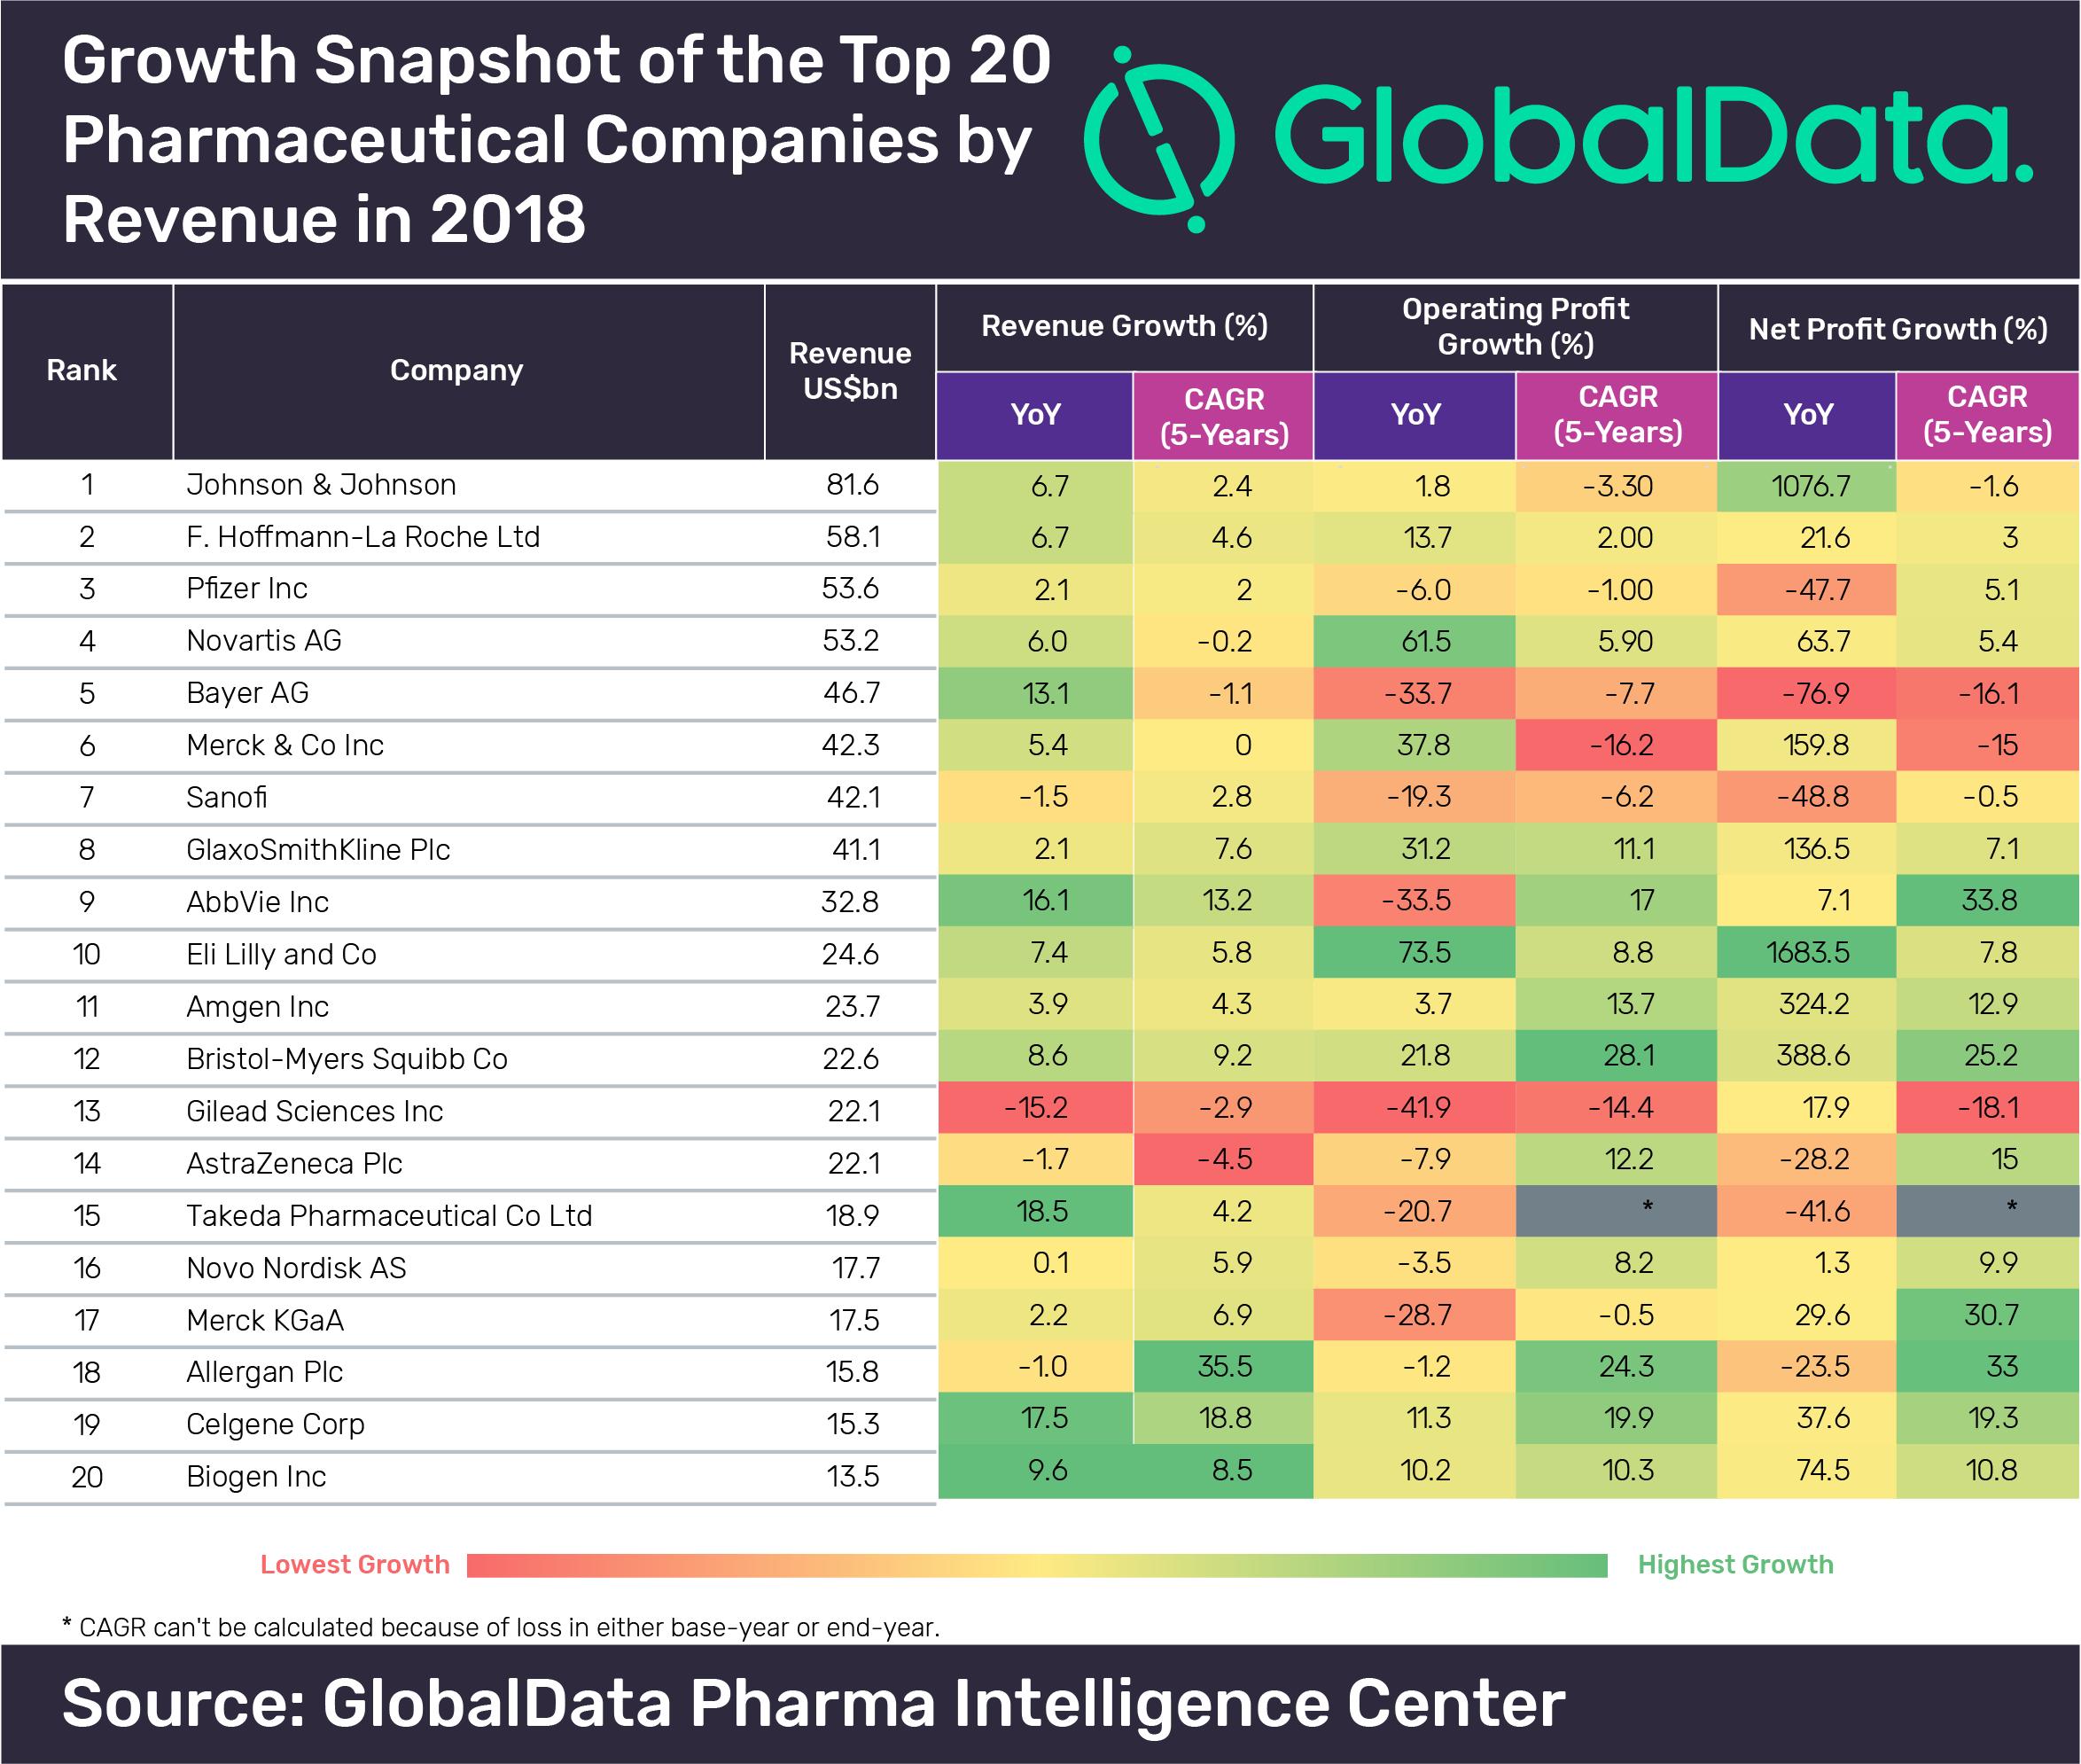 GlobalData presents growth snapshot of top 20 pharma companies by revenue  in 2018 - GlobalData